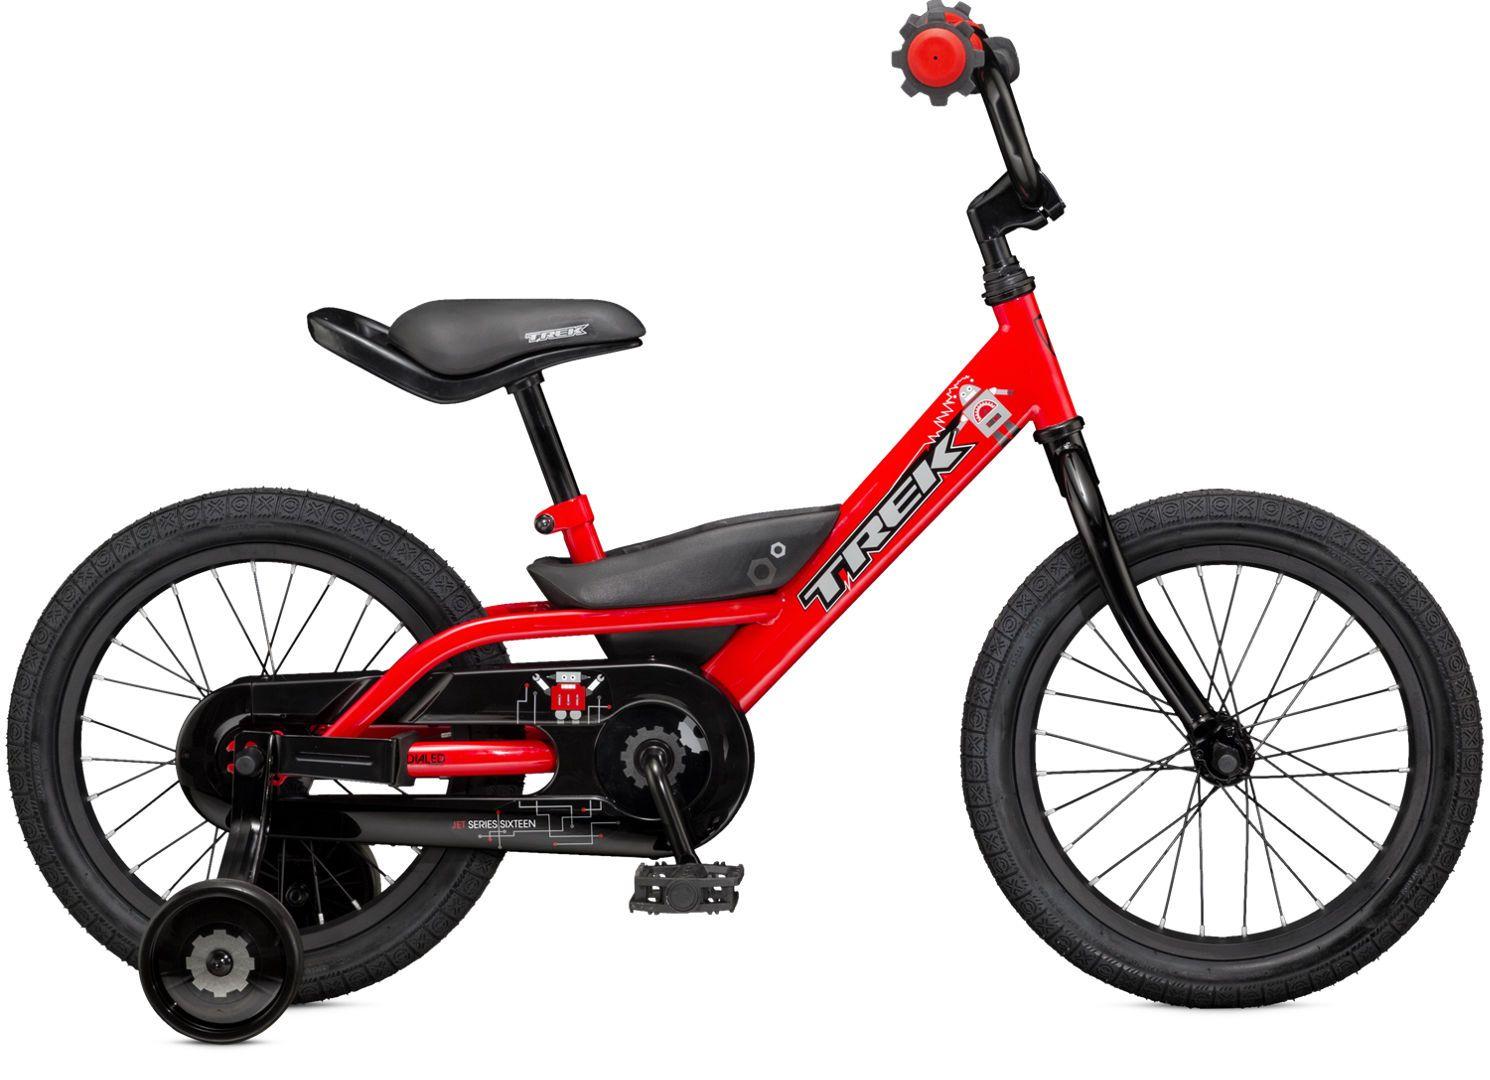 Jet 16 Kids Collection Trek Bicycle Trek Bicycle Kids Bike Trek Bikes